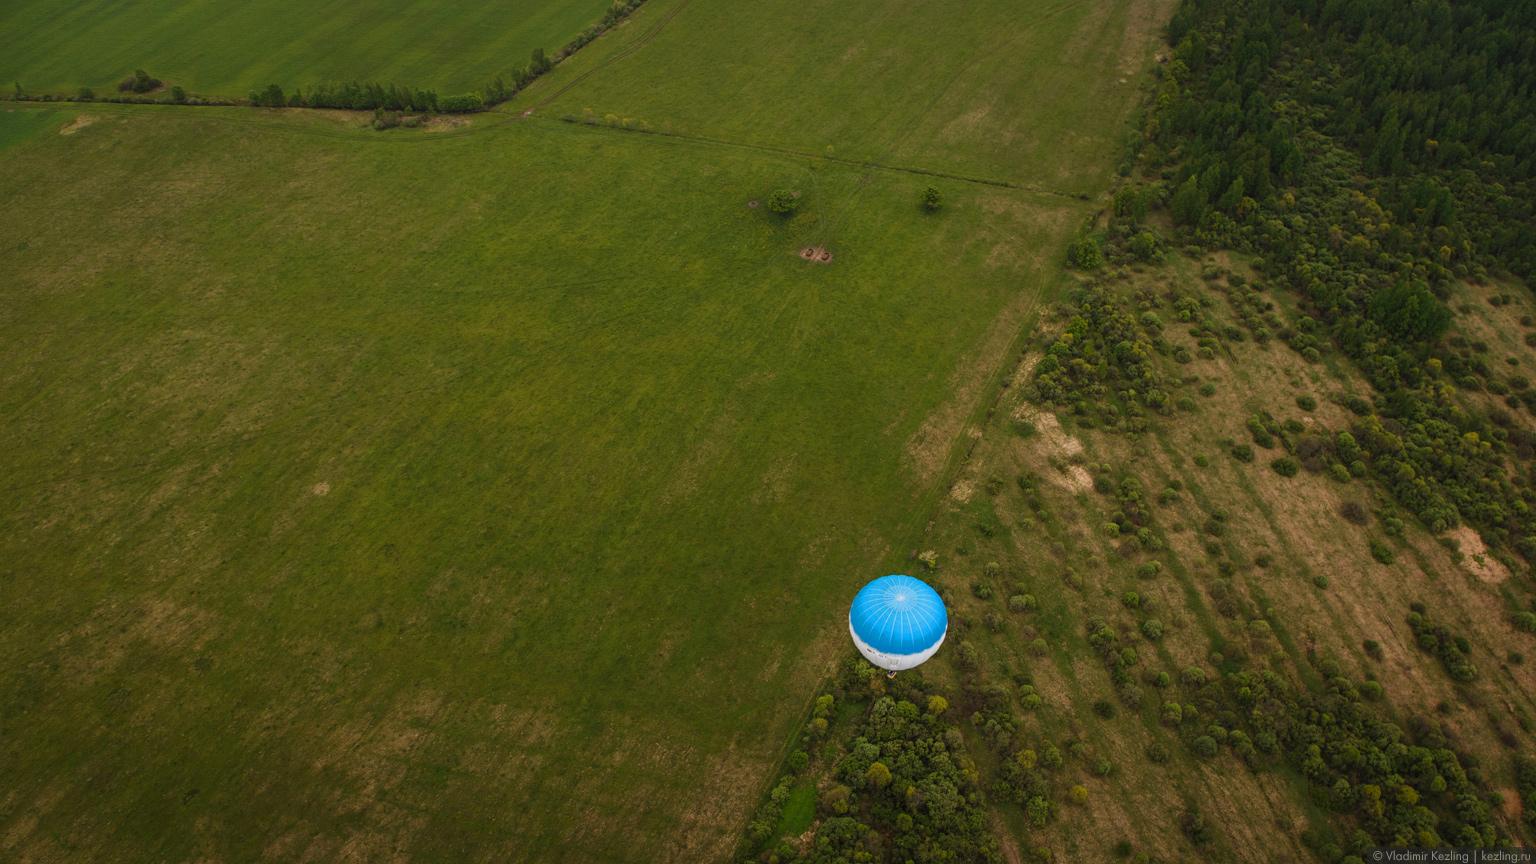 Фестиваль воздушных шаров в Старой Руссе